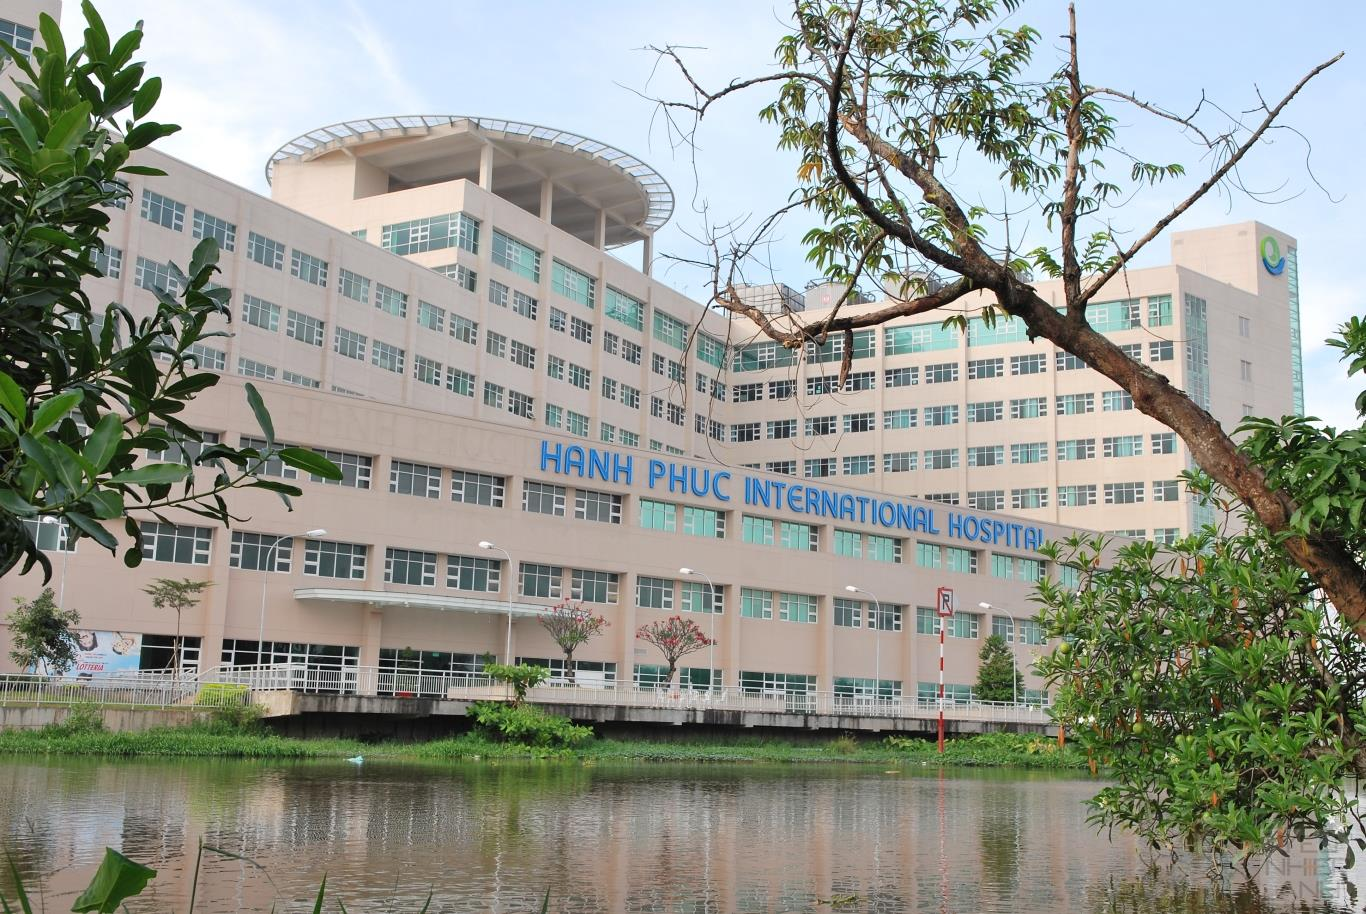 chuông gọi phục vụ cho bệnh viện quốc tế hạnh phúc